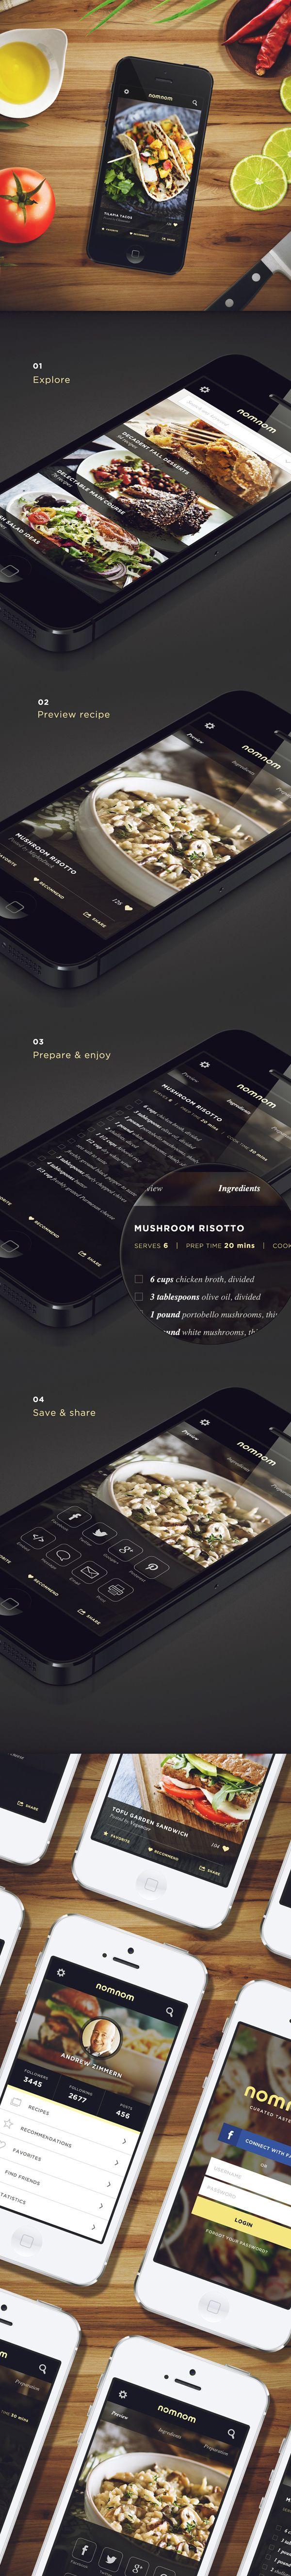 Con la llegada de los dispositivos móviles hay que pensar en la buena adaptación con #diseños claros, sencillos y usables #responsive #design NomNom by Marc-Antoine Roy